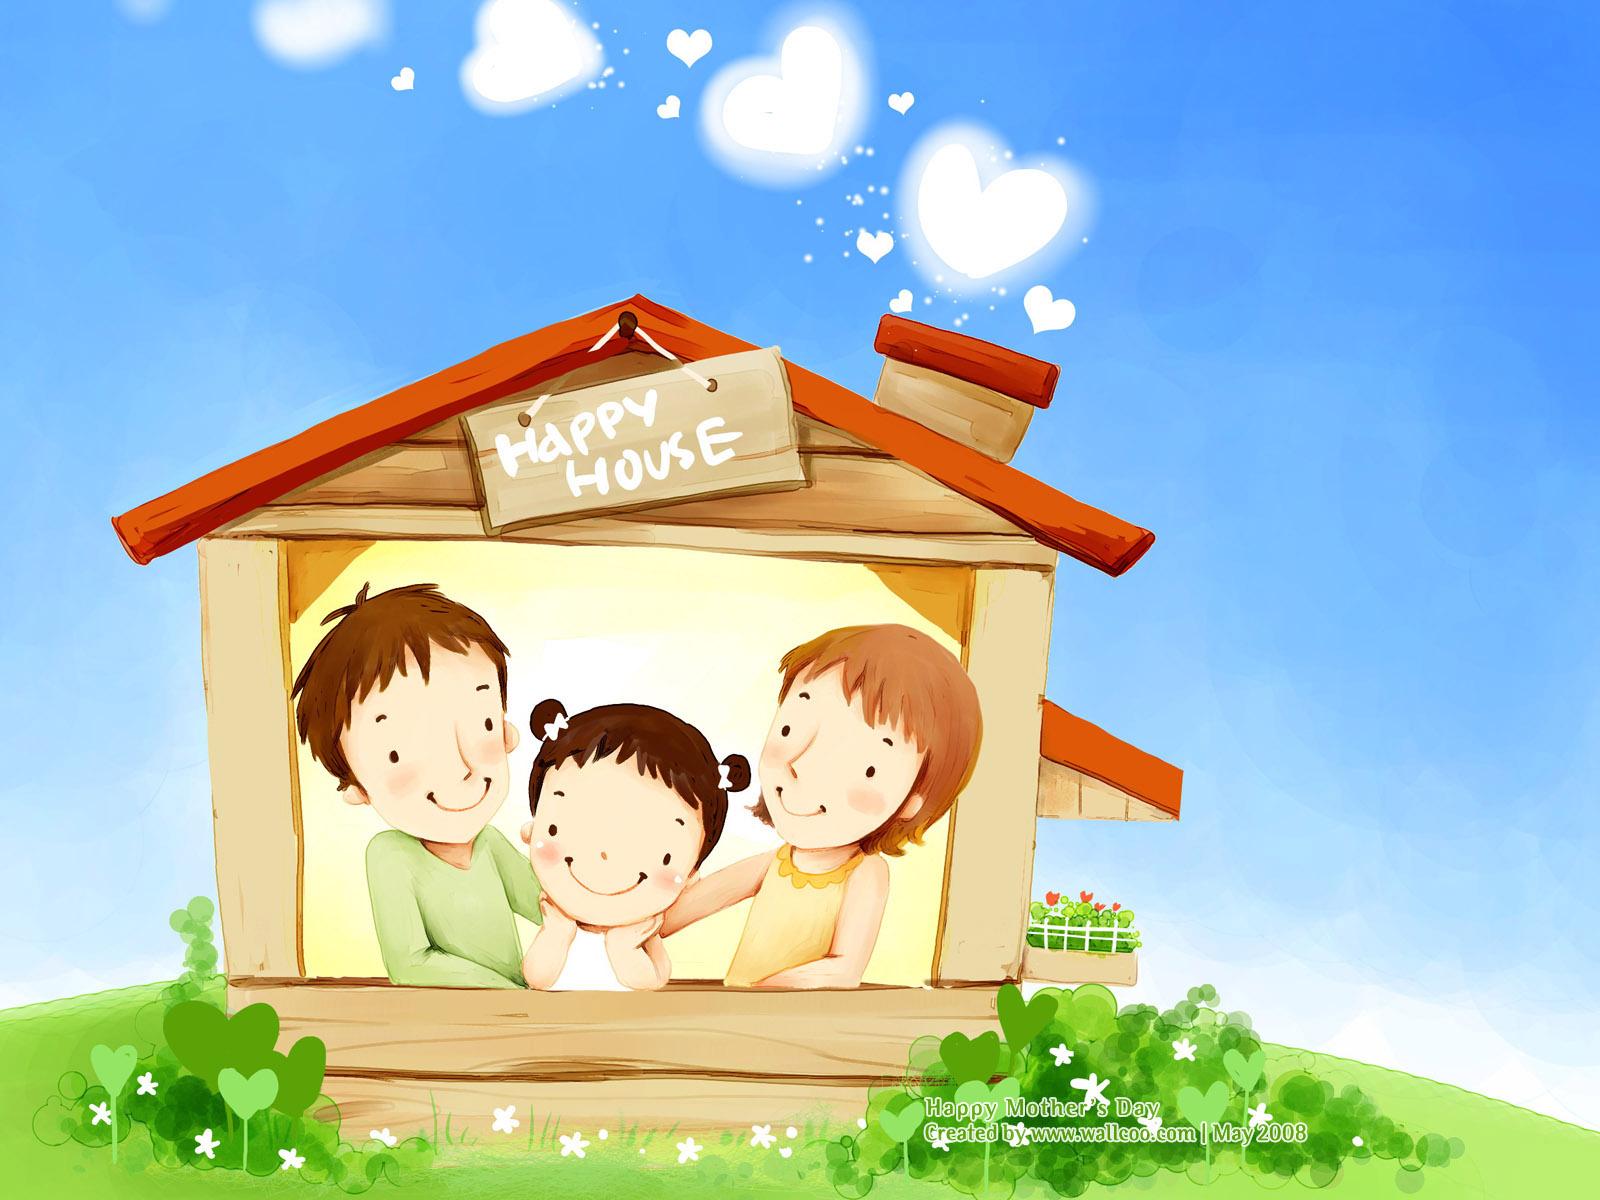 Картинка дом для семьи для детей